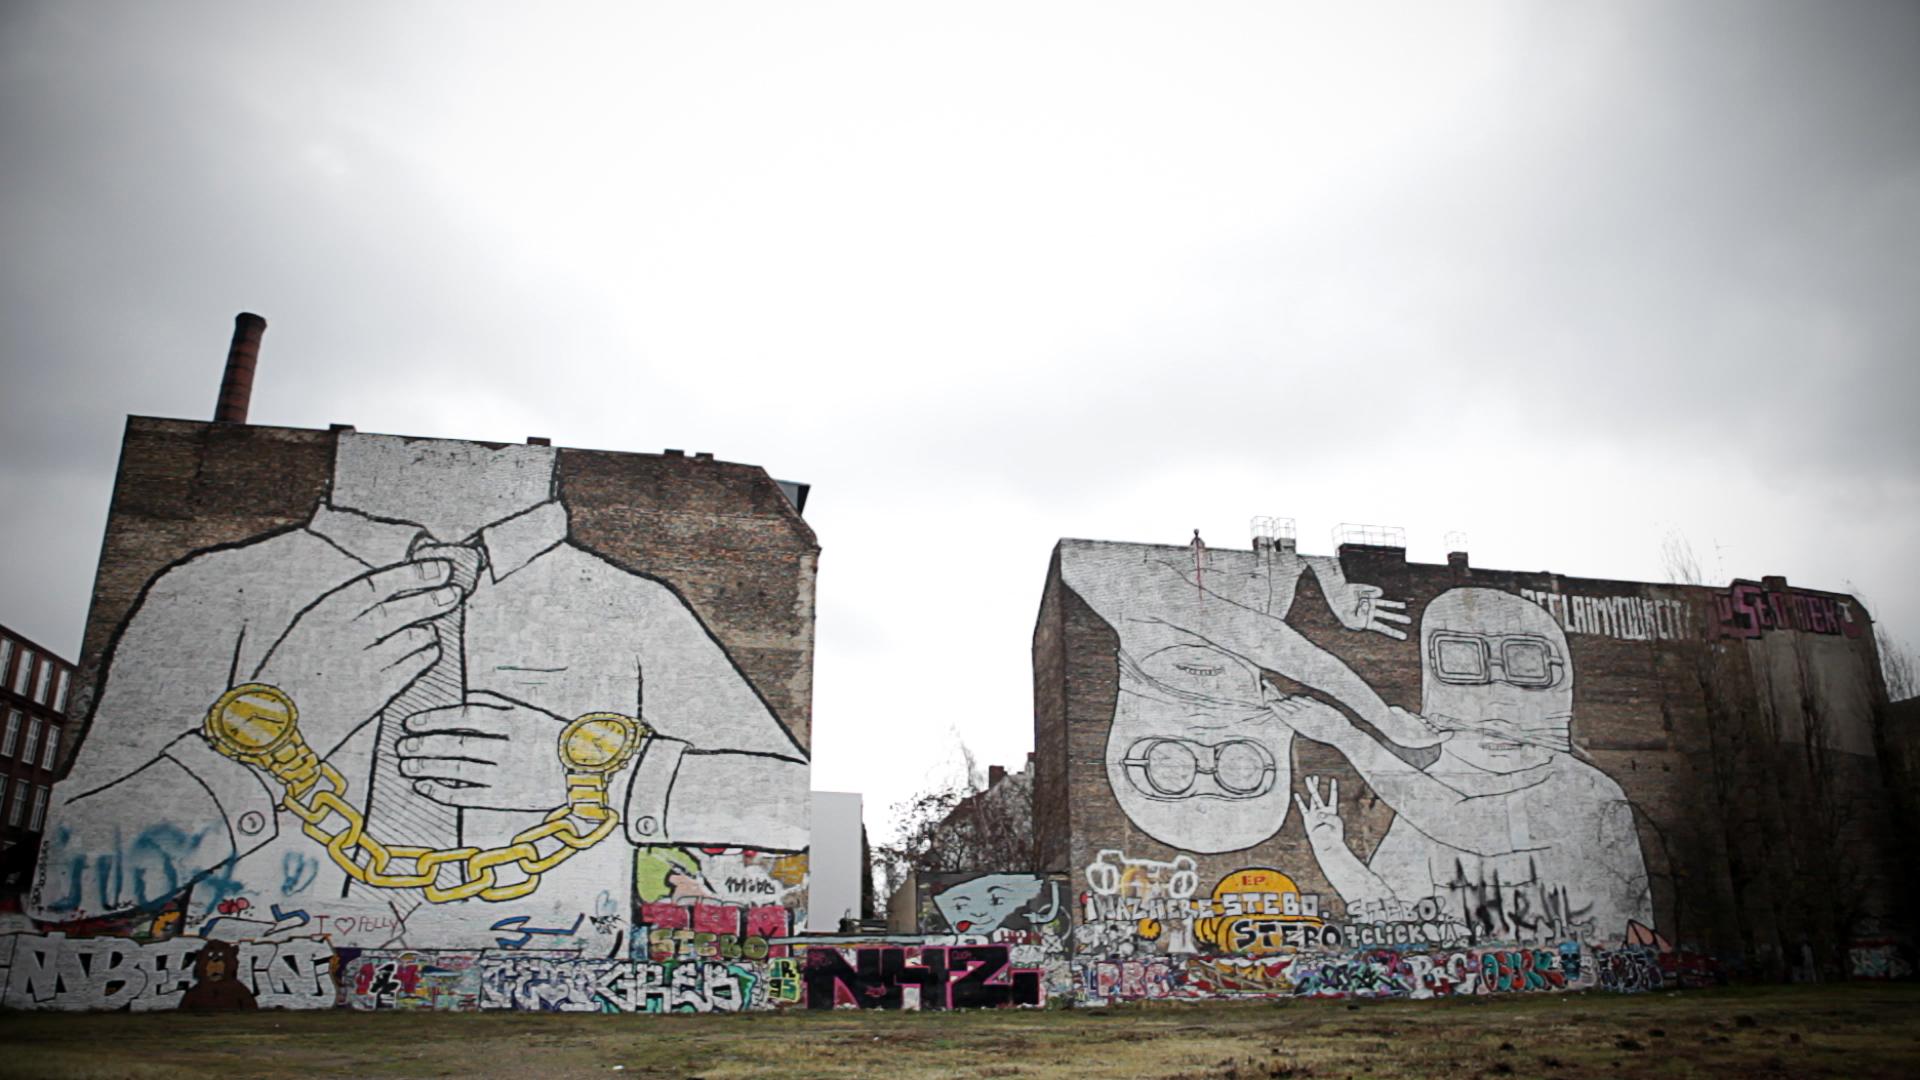 Akaenda Berlin 5